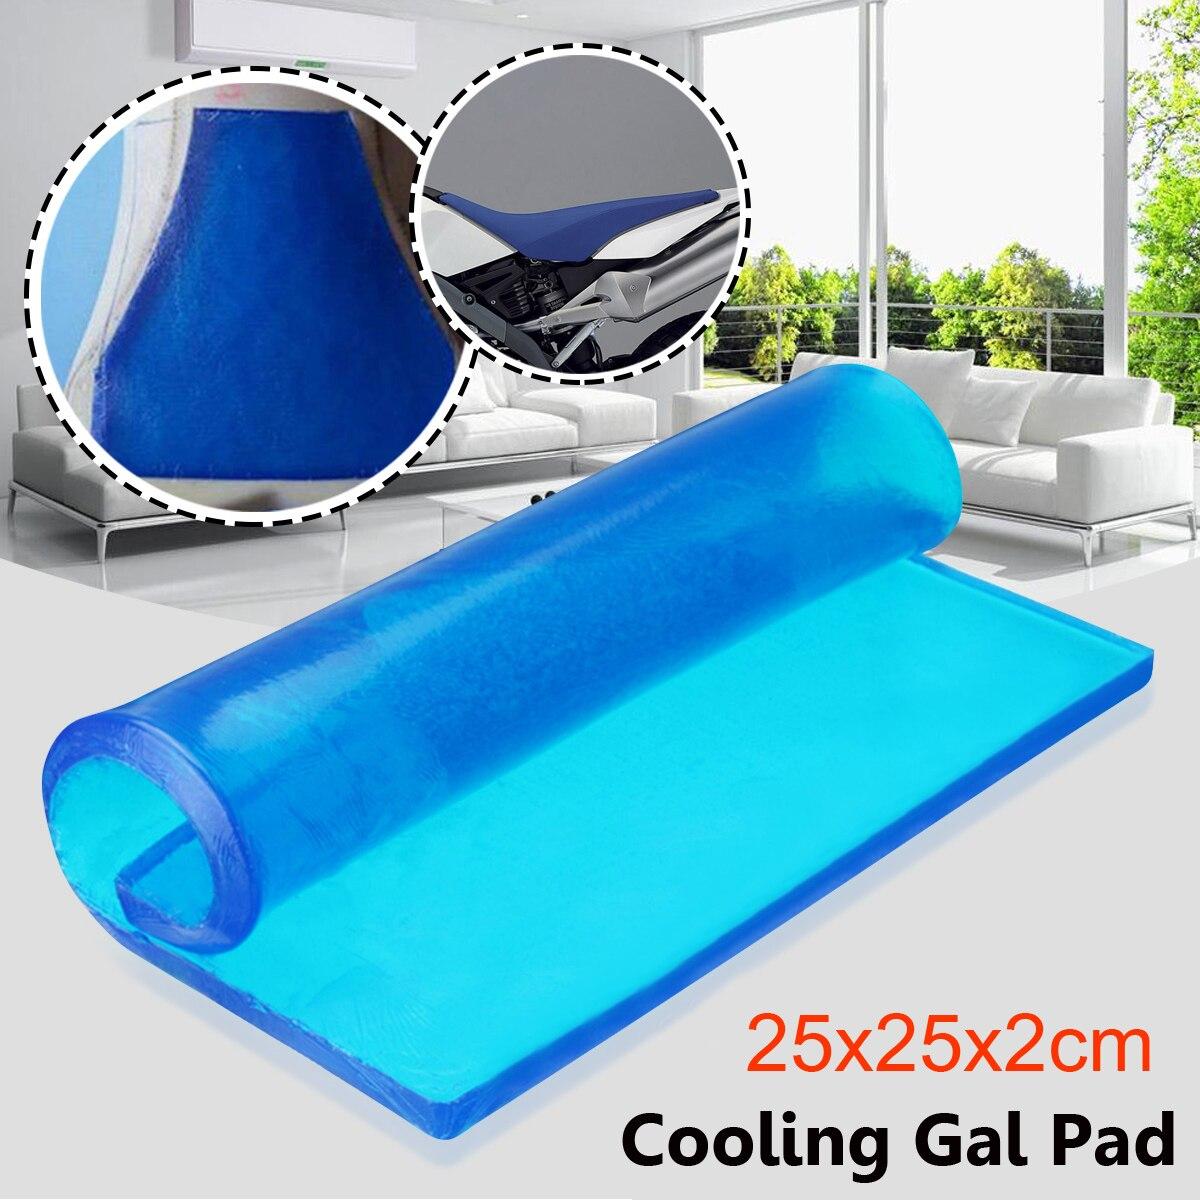 Nouveau bricolage modifié 25x25x2cmépaisseur amortissement Silicone Gel Pad moto siège absorption des chocs tapis coussin tapis confortable